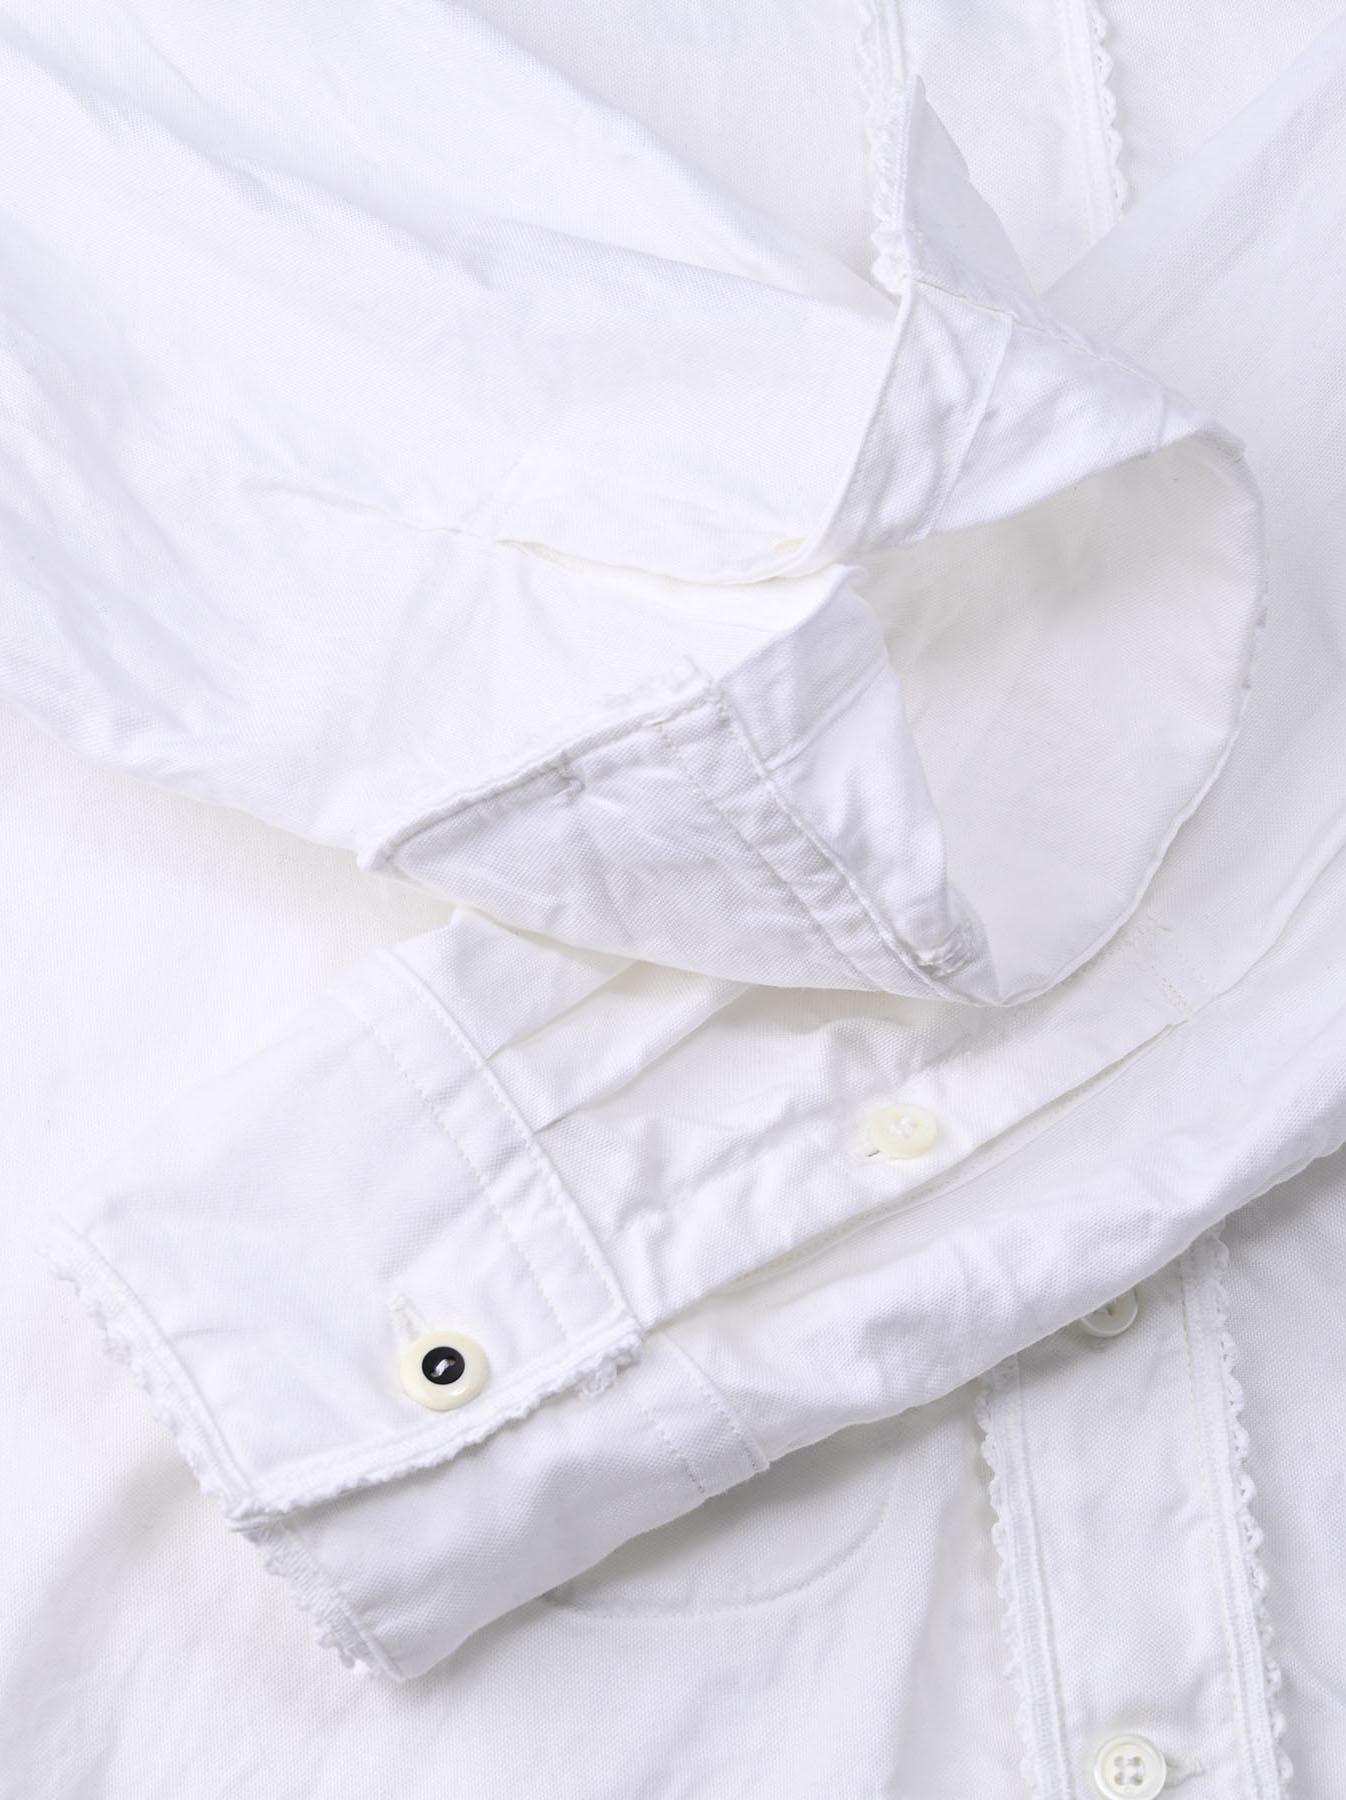 Thin Oxford 908 Ocean Lace Shirt (0621)-11